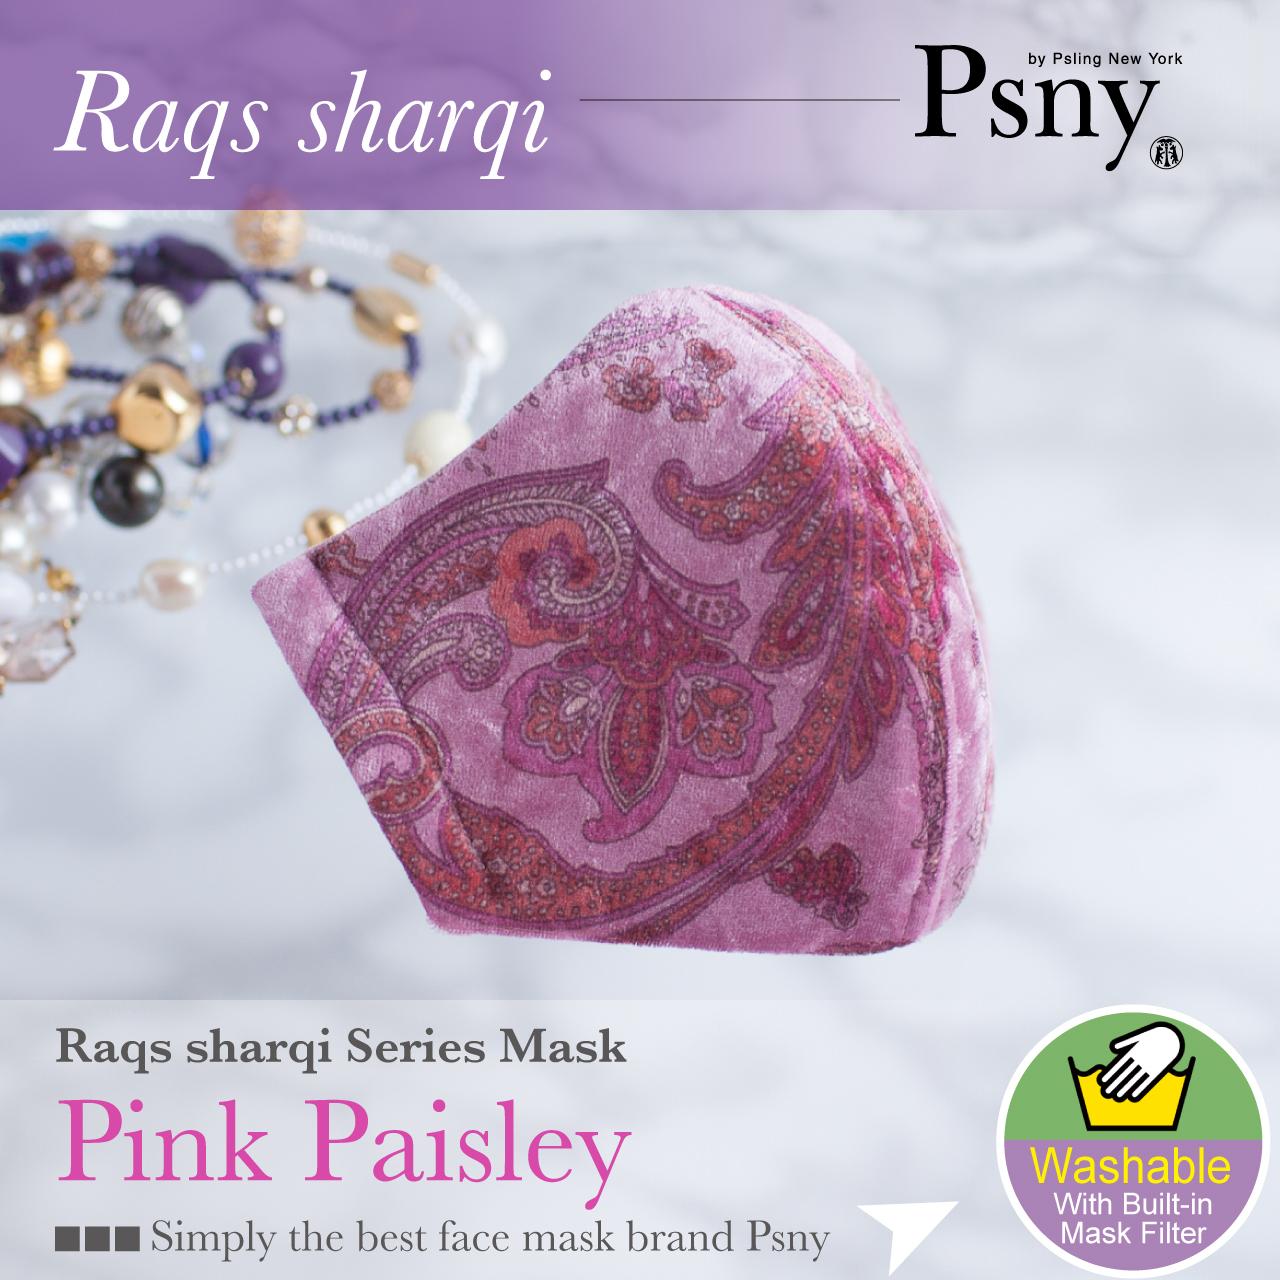 PSNY ラクスシャルキ・ピンク ペイズリー 不織布フィルター入り 立体 おとな 美しい 高級 ダンス ニット 美人 マスク 送料無料 RS4